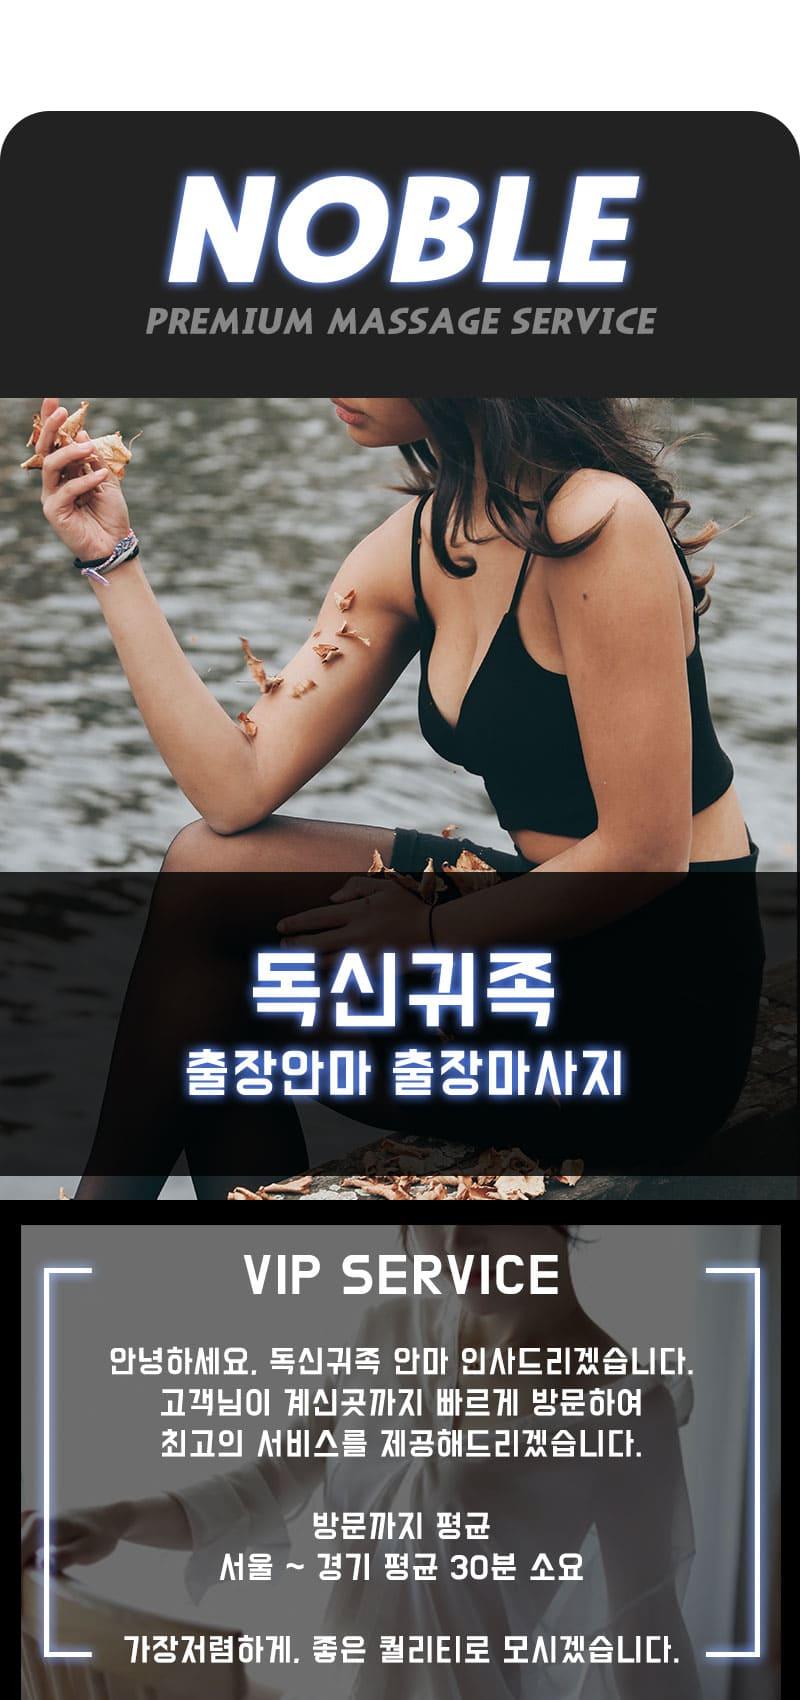 관악구출장안마 소개